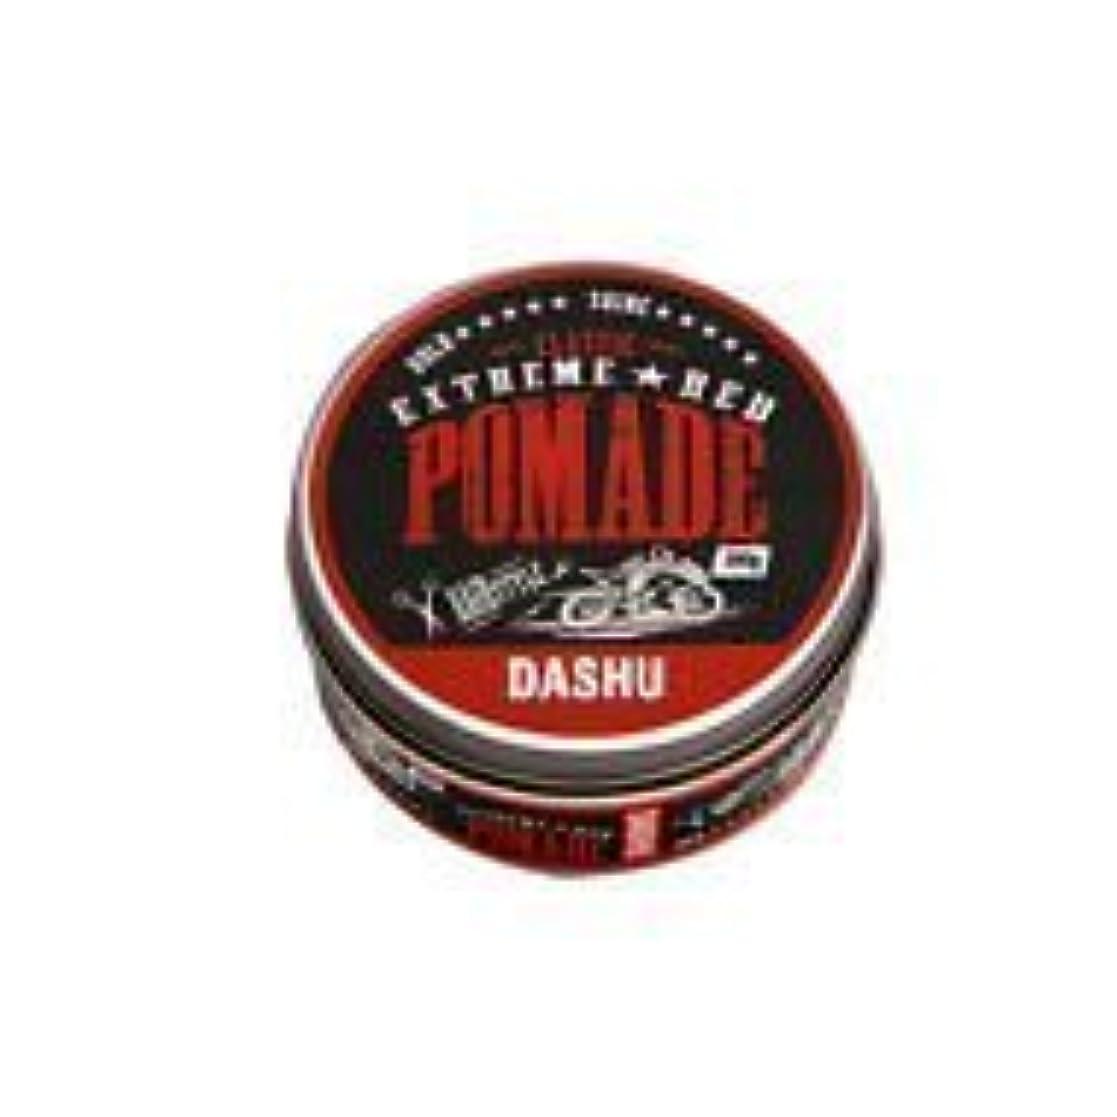 ママ交流する湿った[DASHU] ダシュ クラシックエクストリームレッドポマード Classic Extreme Red Pomade Hair Wax 100ml / 韓国製 . 韓国直送品